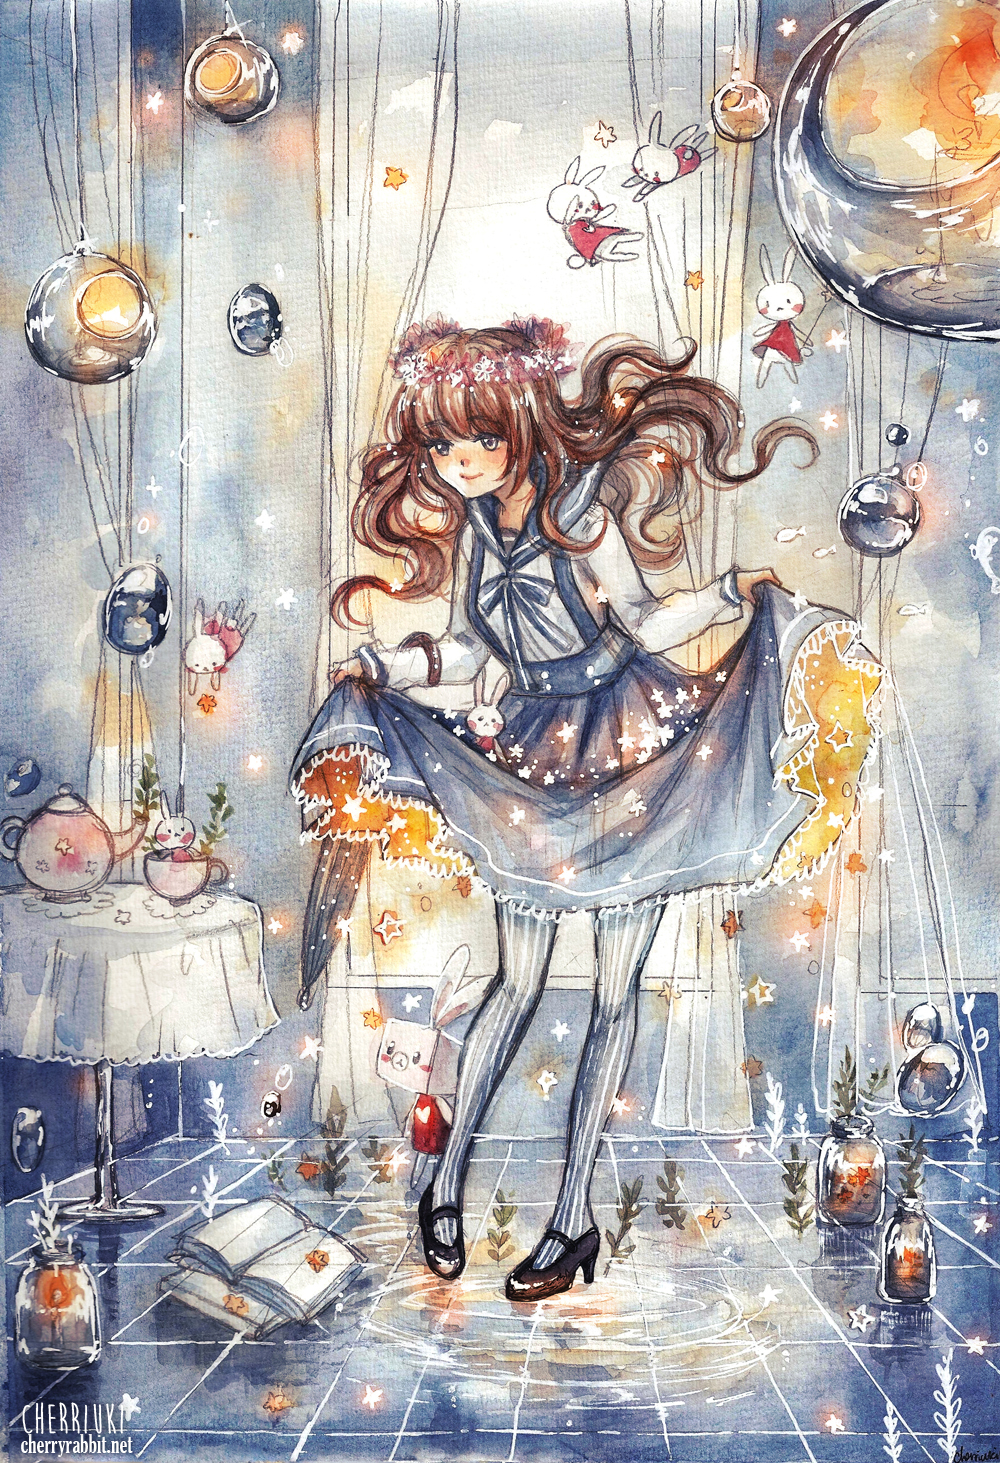 Starlights by cherriuki